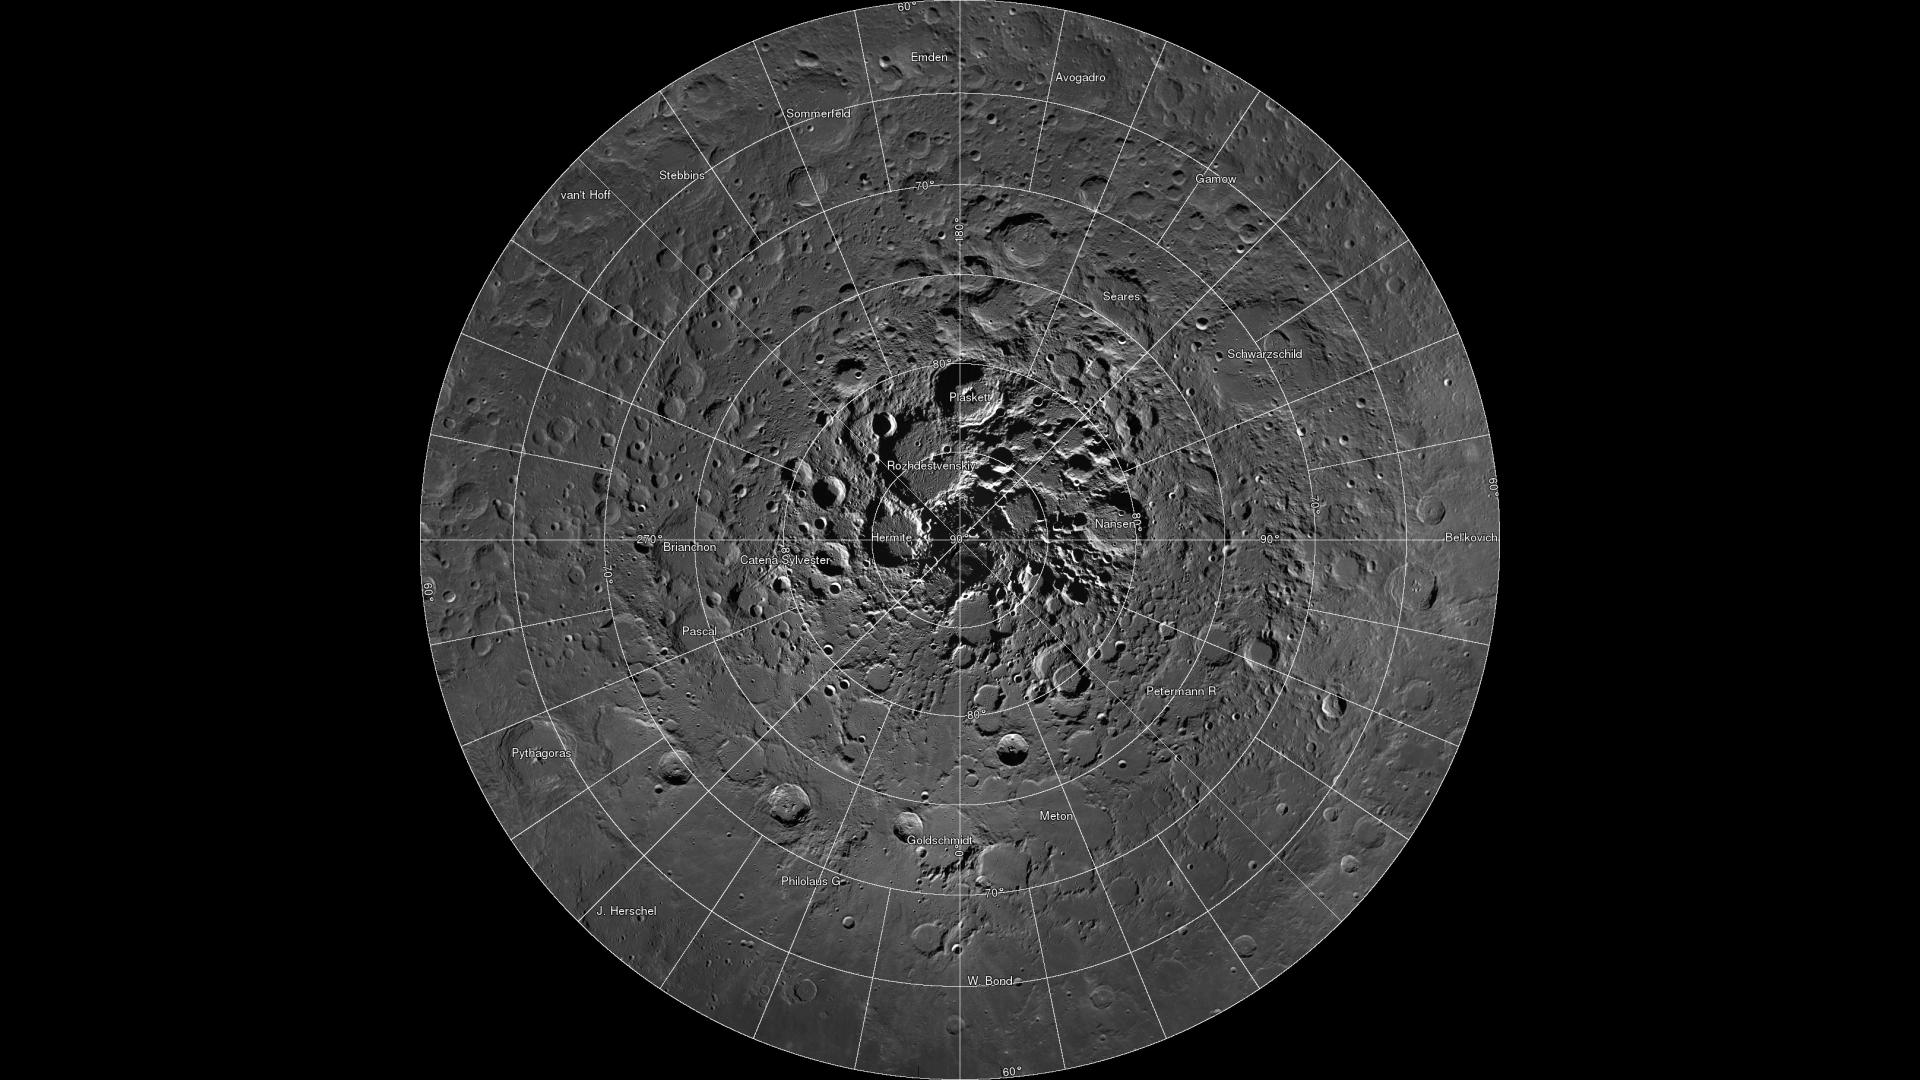 Примерно в 40 кратерах в районе Северного полюса Луны уже найдено около 0,6 км³ льда / NASA